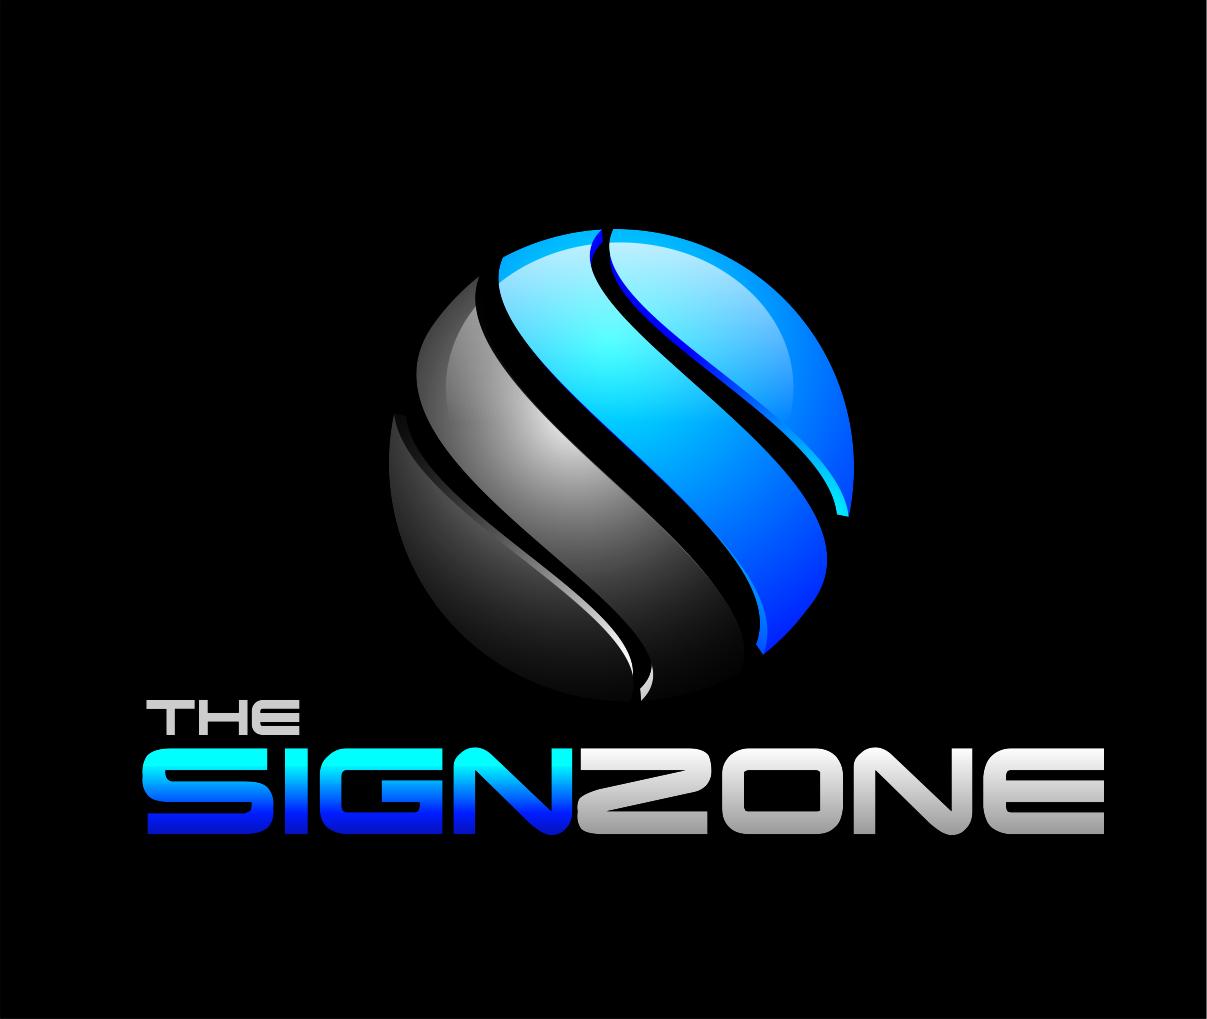 Logo Design by Reivan Ferdinan - Entry No. 34 in the Logo Design Contest Fun Logo Design for The Sign Zone.